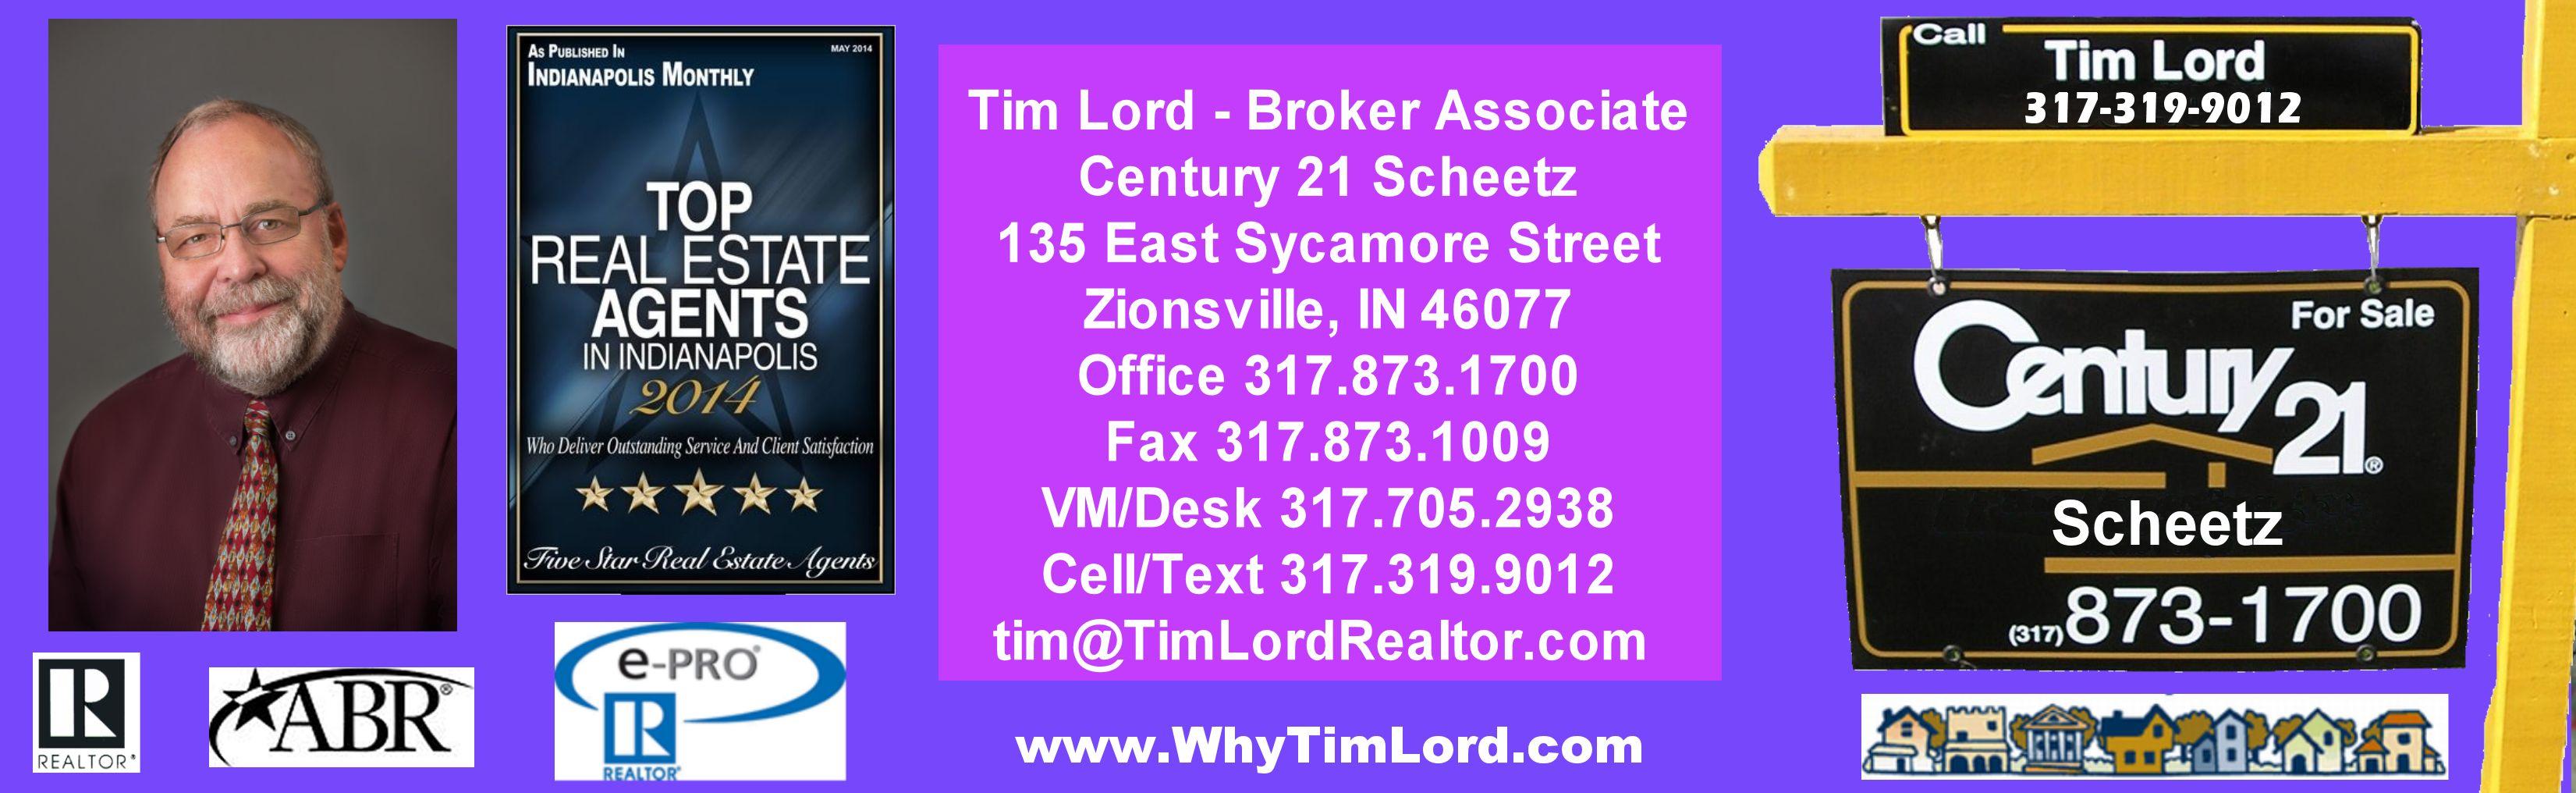 WhyTimLord.info